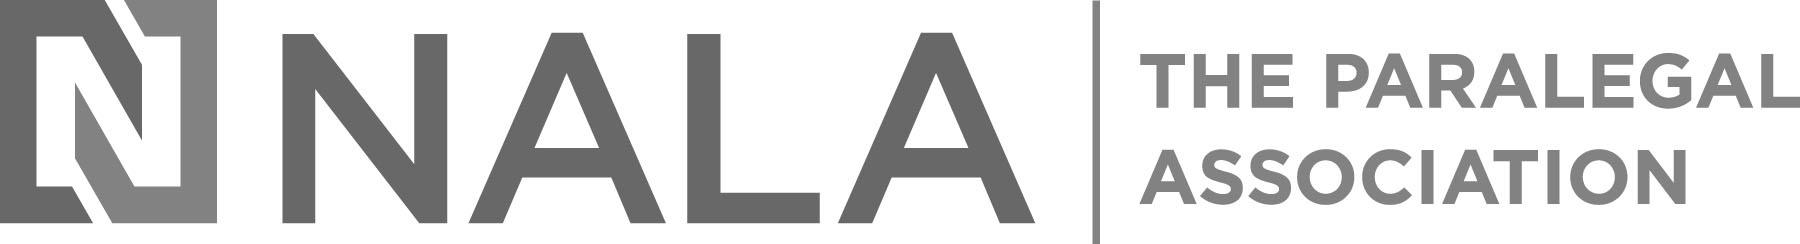 NALA_logo_0.jpg